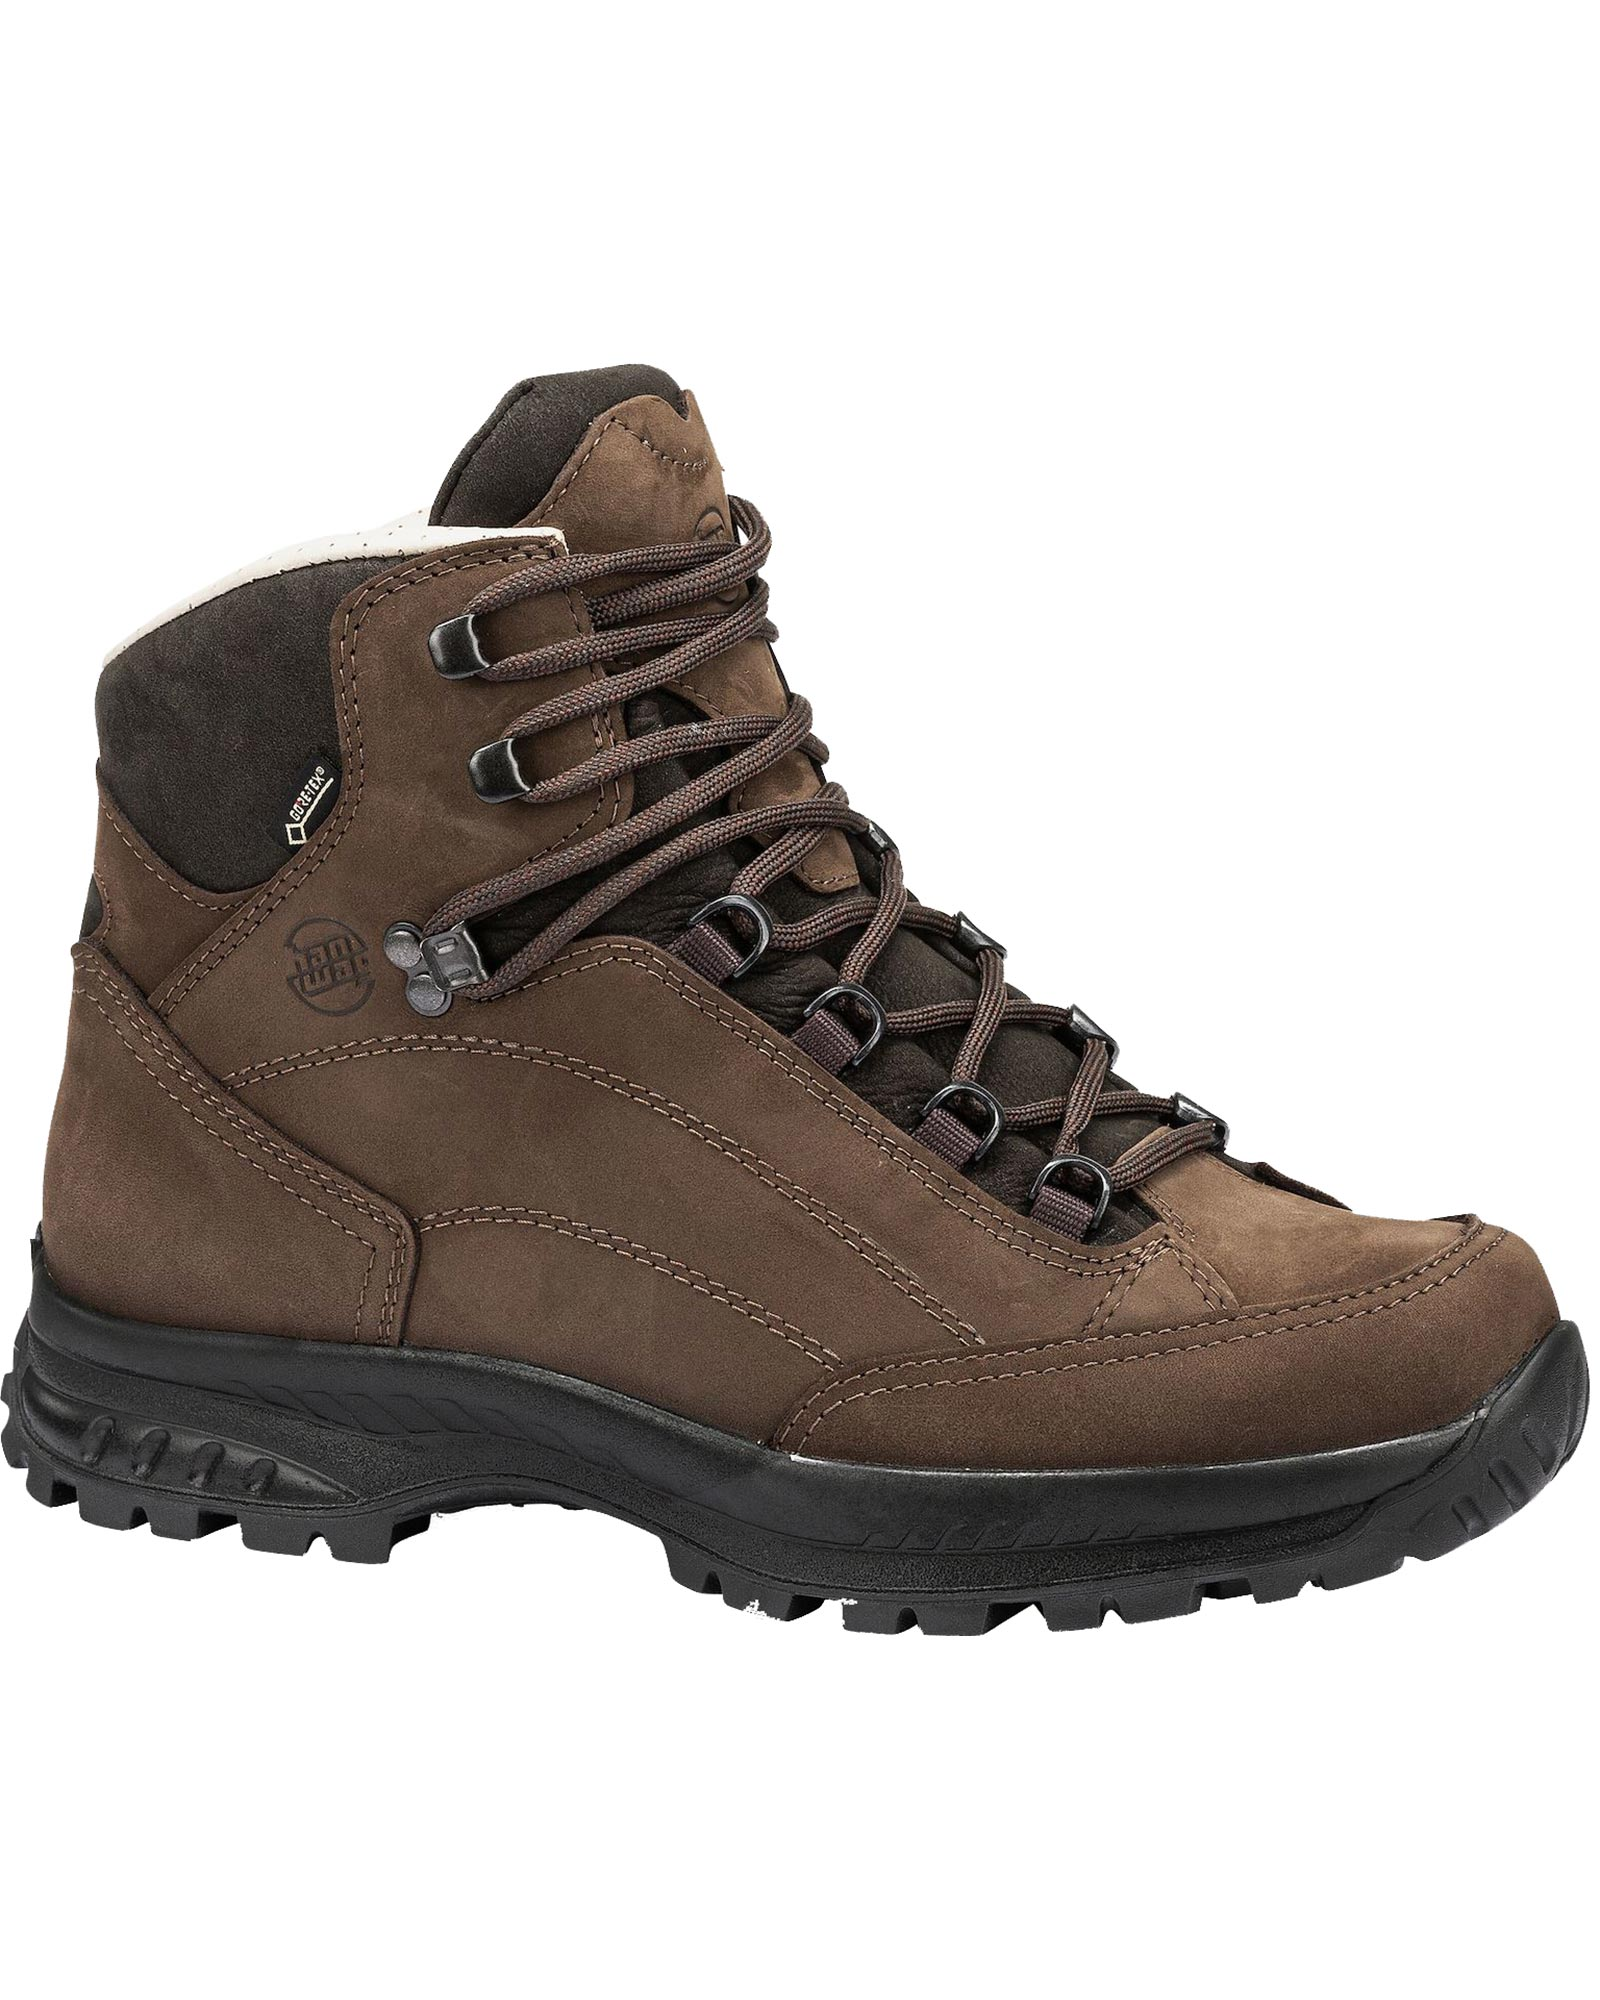 Hanwag Men's Alta Bunion GORE-TEX Walking Boots 0